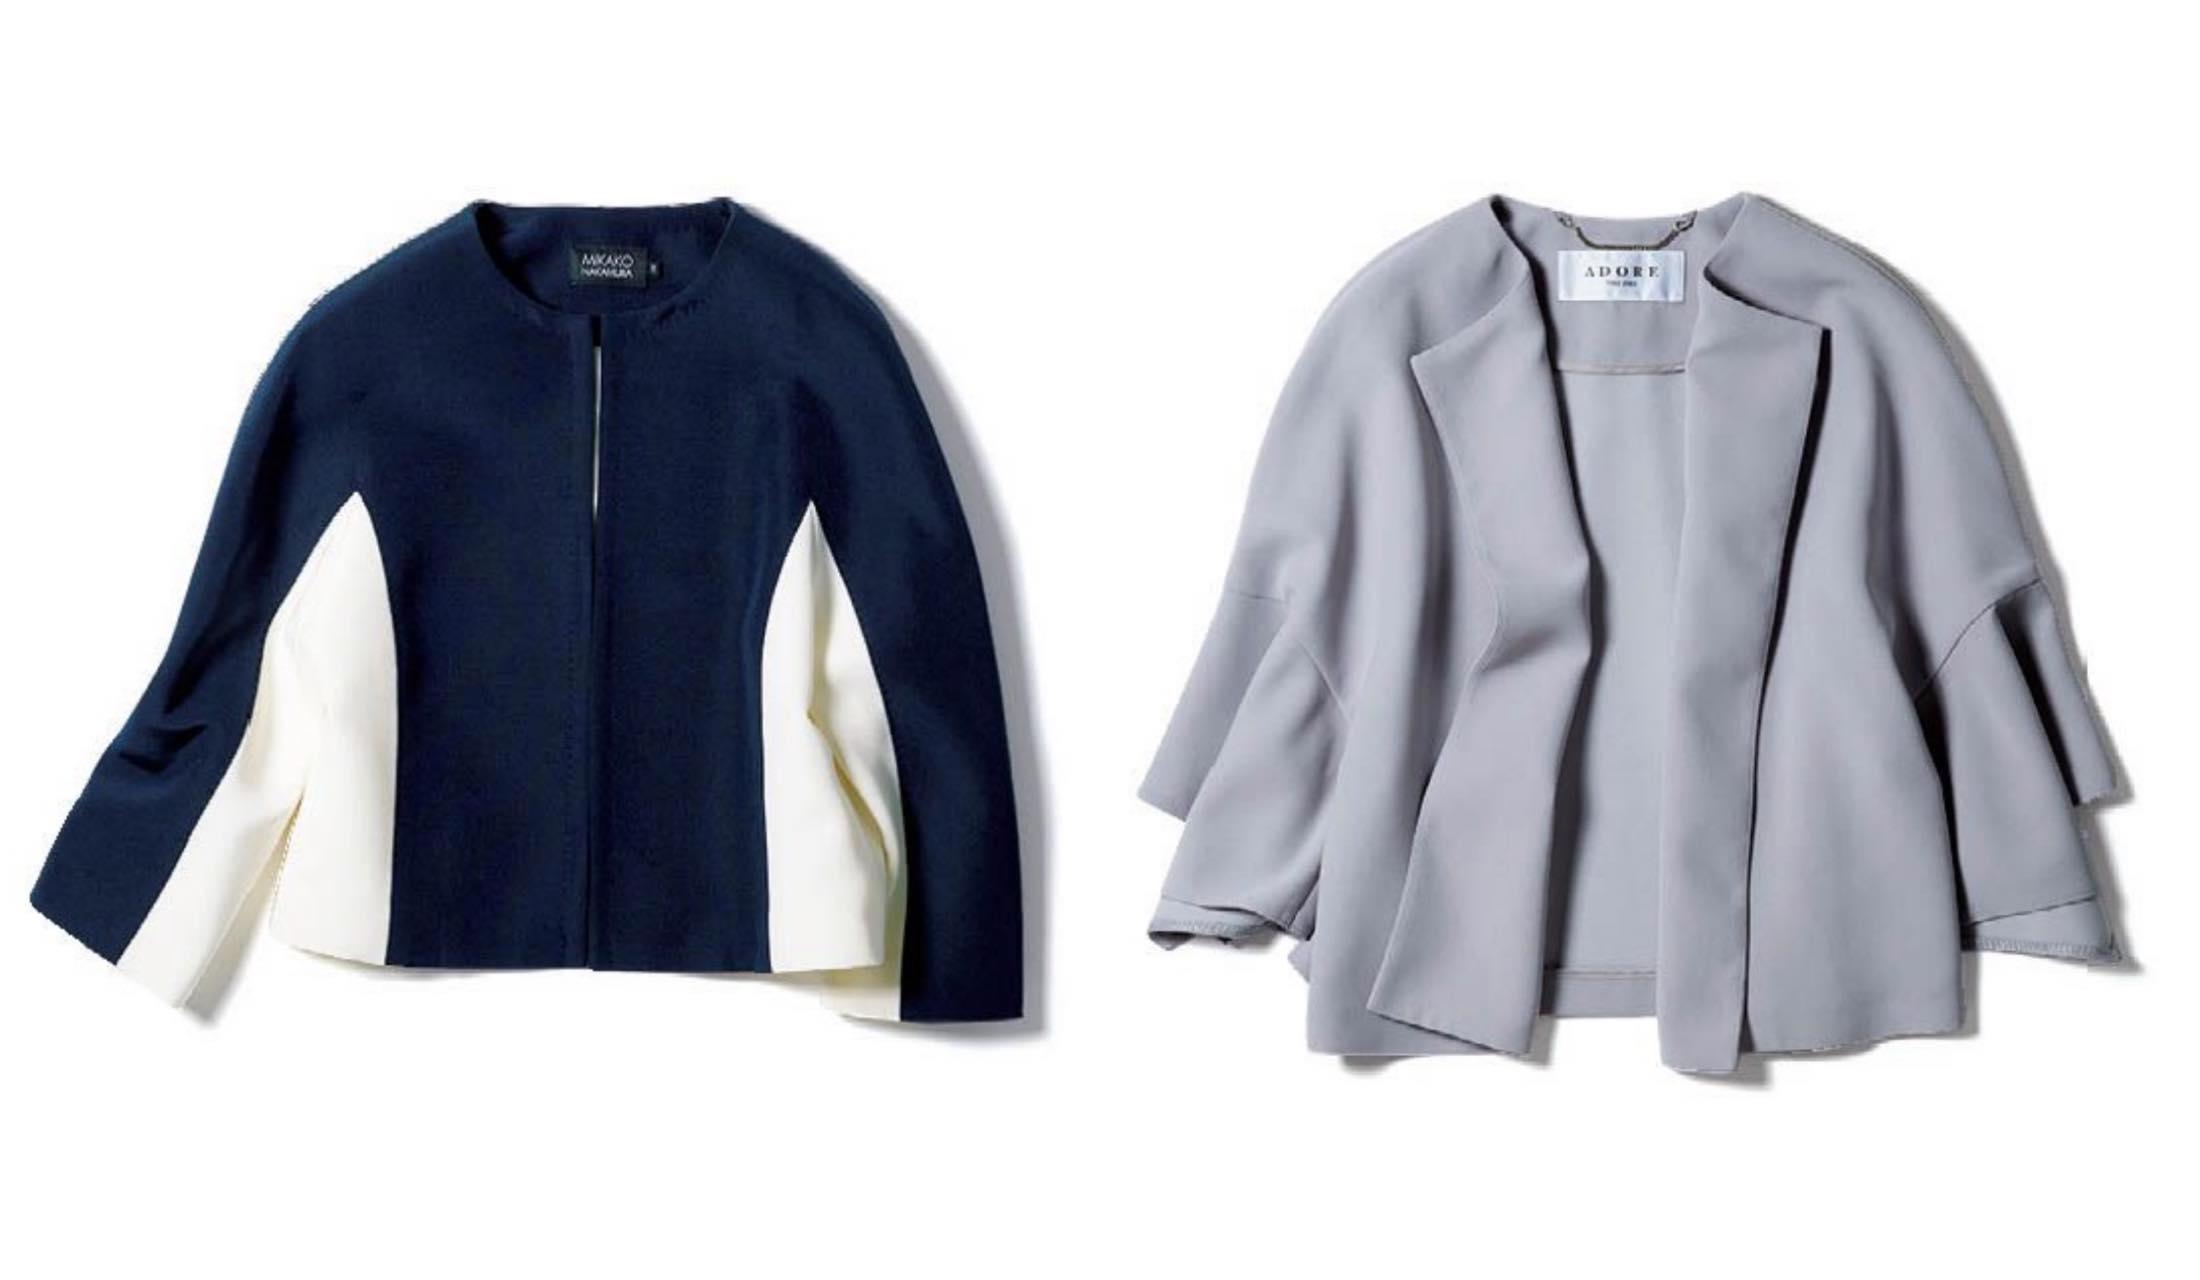 ミカコ ナカムラとADOREの「ボレロ丈」ジャケット